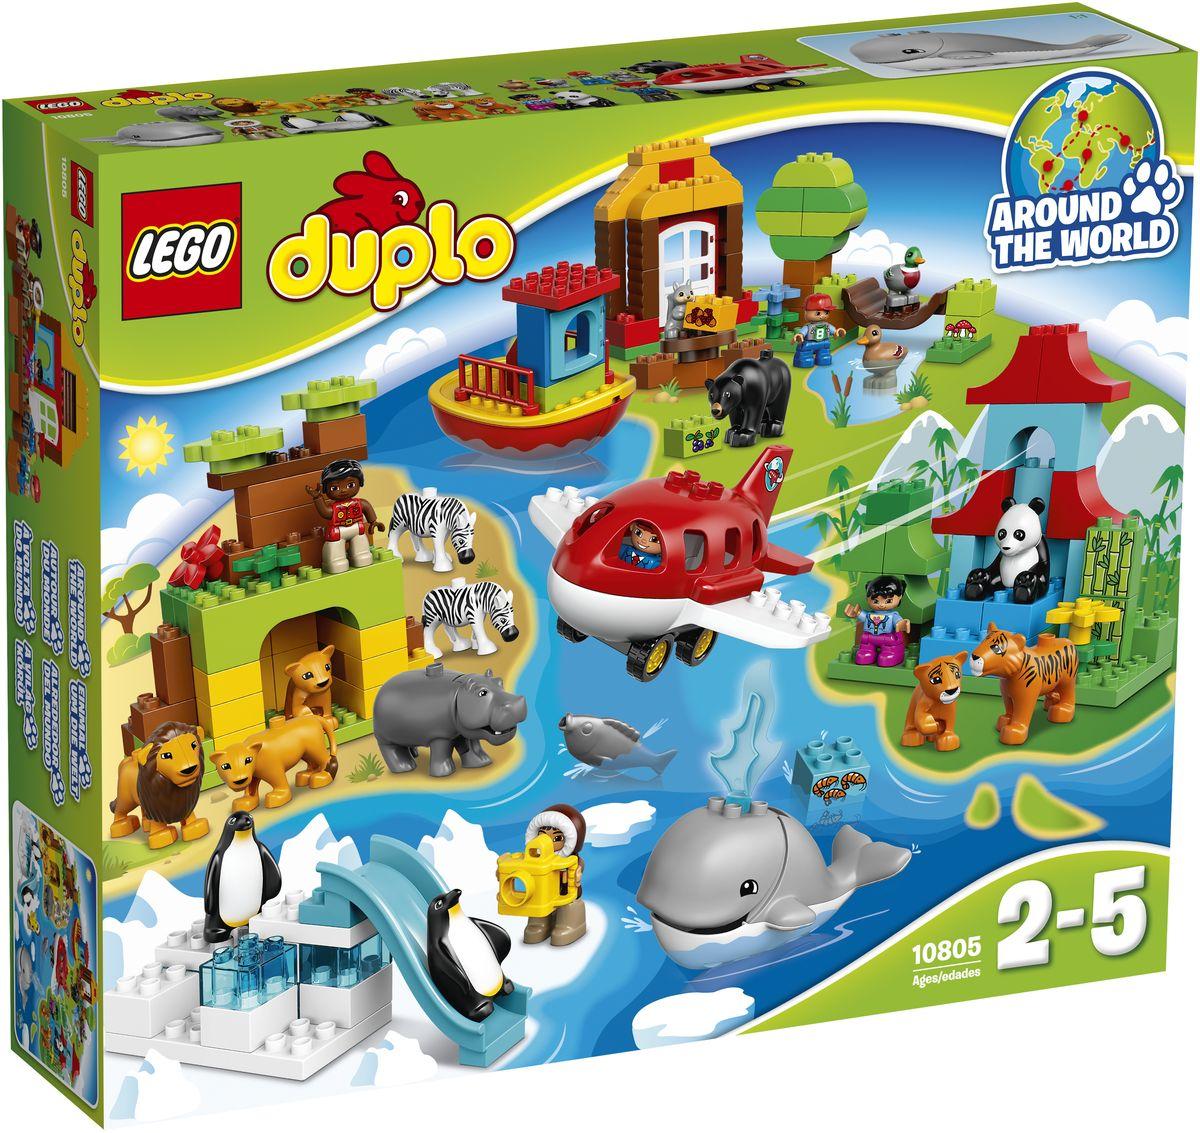 LEGO DUPLO Конструктор Вокруг света 1080510805Конструктор LEGO DUPLO Вокруг света приведет в восторг любого ребенка, ведь все дети обожают знаменитые конструкторы LEGO. Конструктор содержит 163 пластиковых элемента. Набор Вокруг света от LEGO DUPLO познакомит вас с миром диких животных! Маленькие исследователи могут путешествовать, добираясь от одного места до другого на лодке или самолете, чтобы узнать о различных животных и их естественной среде обитания. В набор входят 5 фигурок LEGO DUPLO, а также 17 животных со всего мира, в том числе кит с открывающейся пастью, веселое семейство львов, тигры, панда и забавные пингвины! С яркими цветными кубиками LEGO DUPLO, разработанными специально для начинающих строителей, так легко собрать свою историю. Все элементы набора выполнены из безопасного пластика и имеют увеличенные размеры, специально для маленьких детских пальчиков. Игры с конструкторами помогут ребенку развить воображение, внимательность, пространственное мышление и творческие...